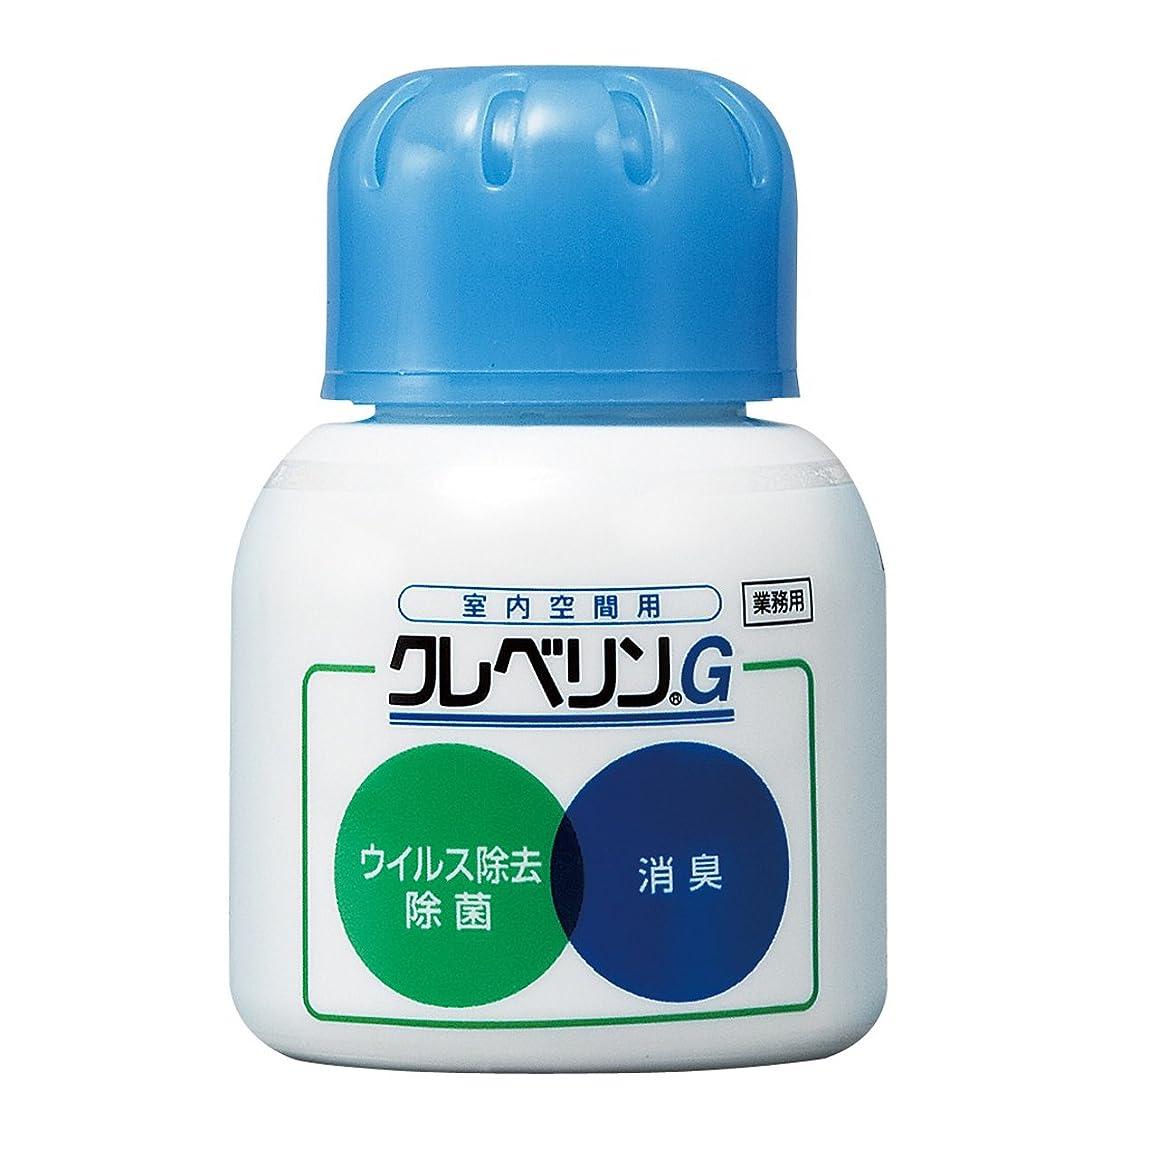 爆弾どこプレゼンテーション東京堂 資材 クレベリンG 60g NC000060